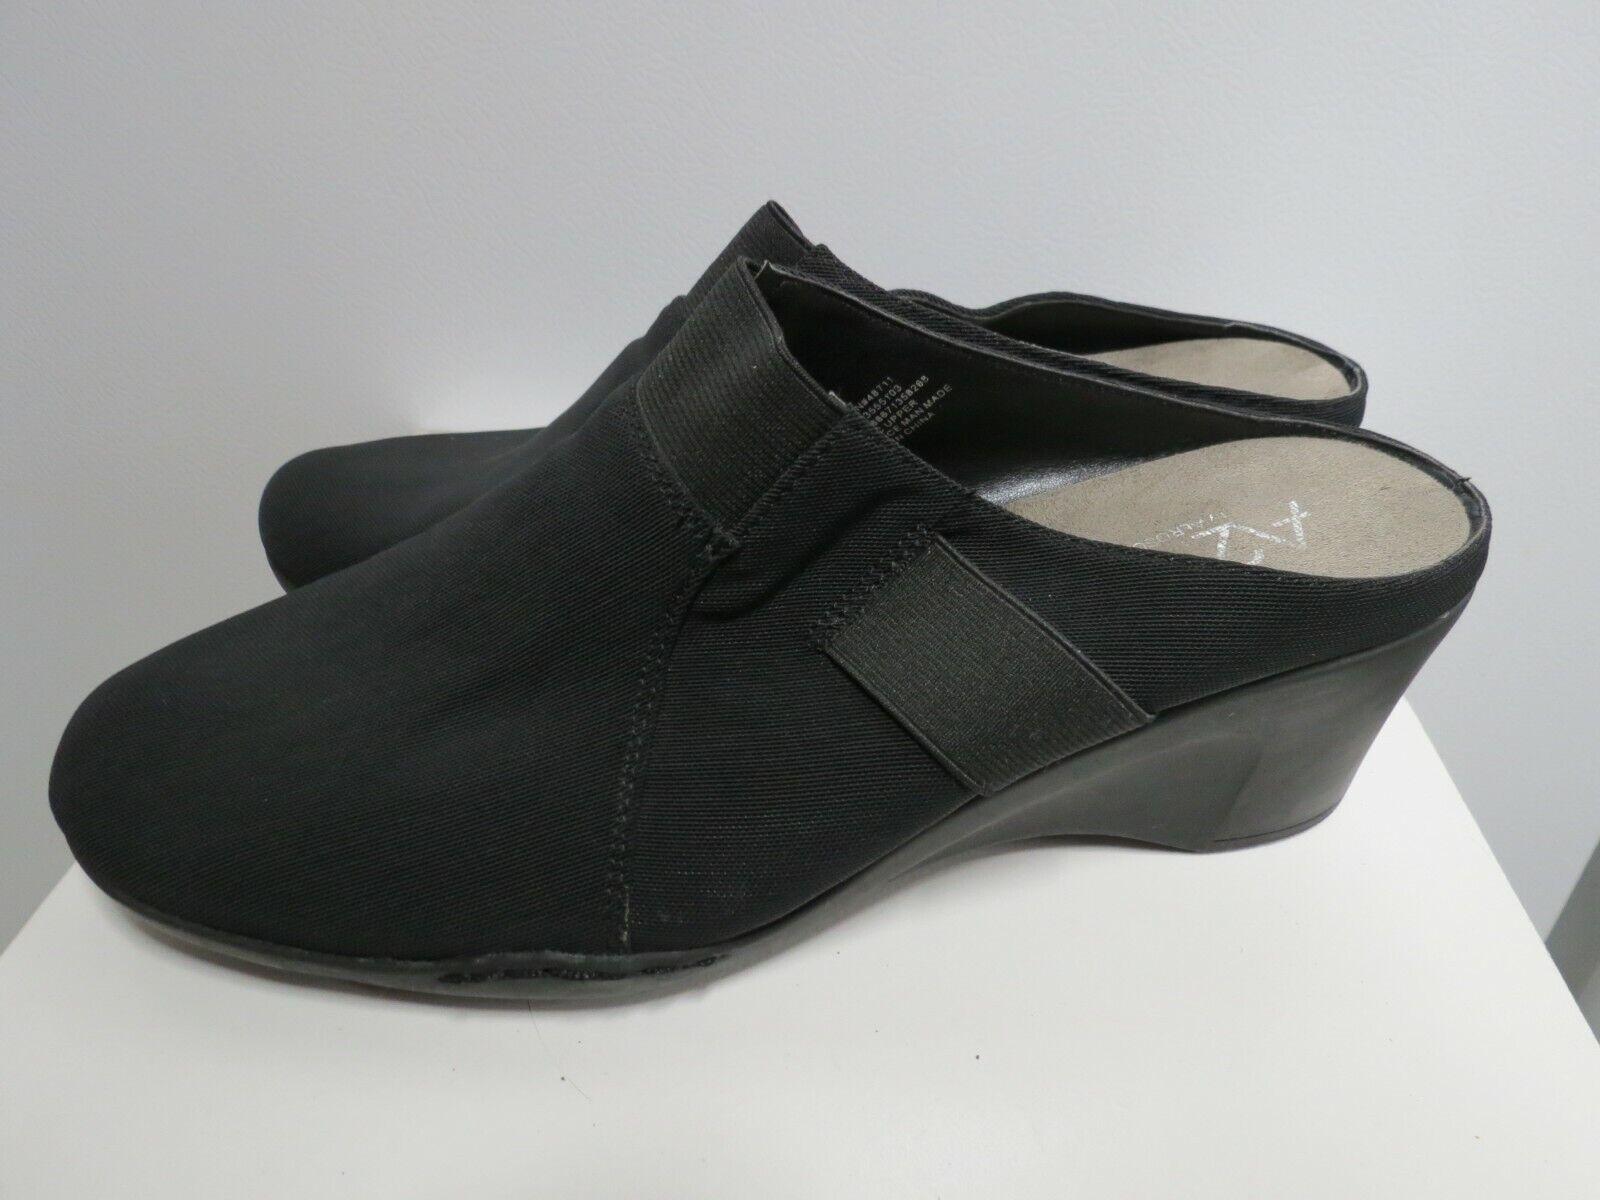 A2 by Aerosoles Women's 11 M Black Mule Shoes Slip On Wedge